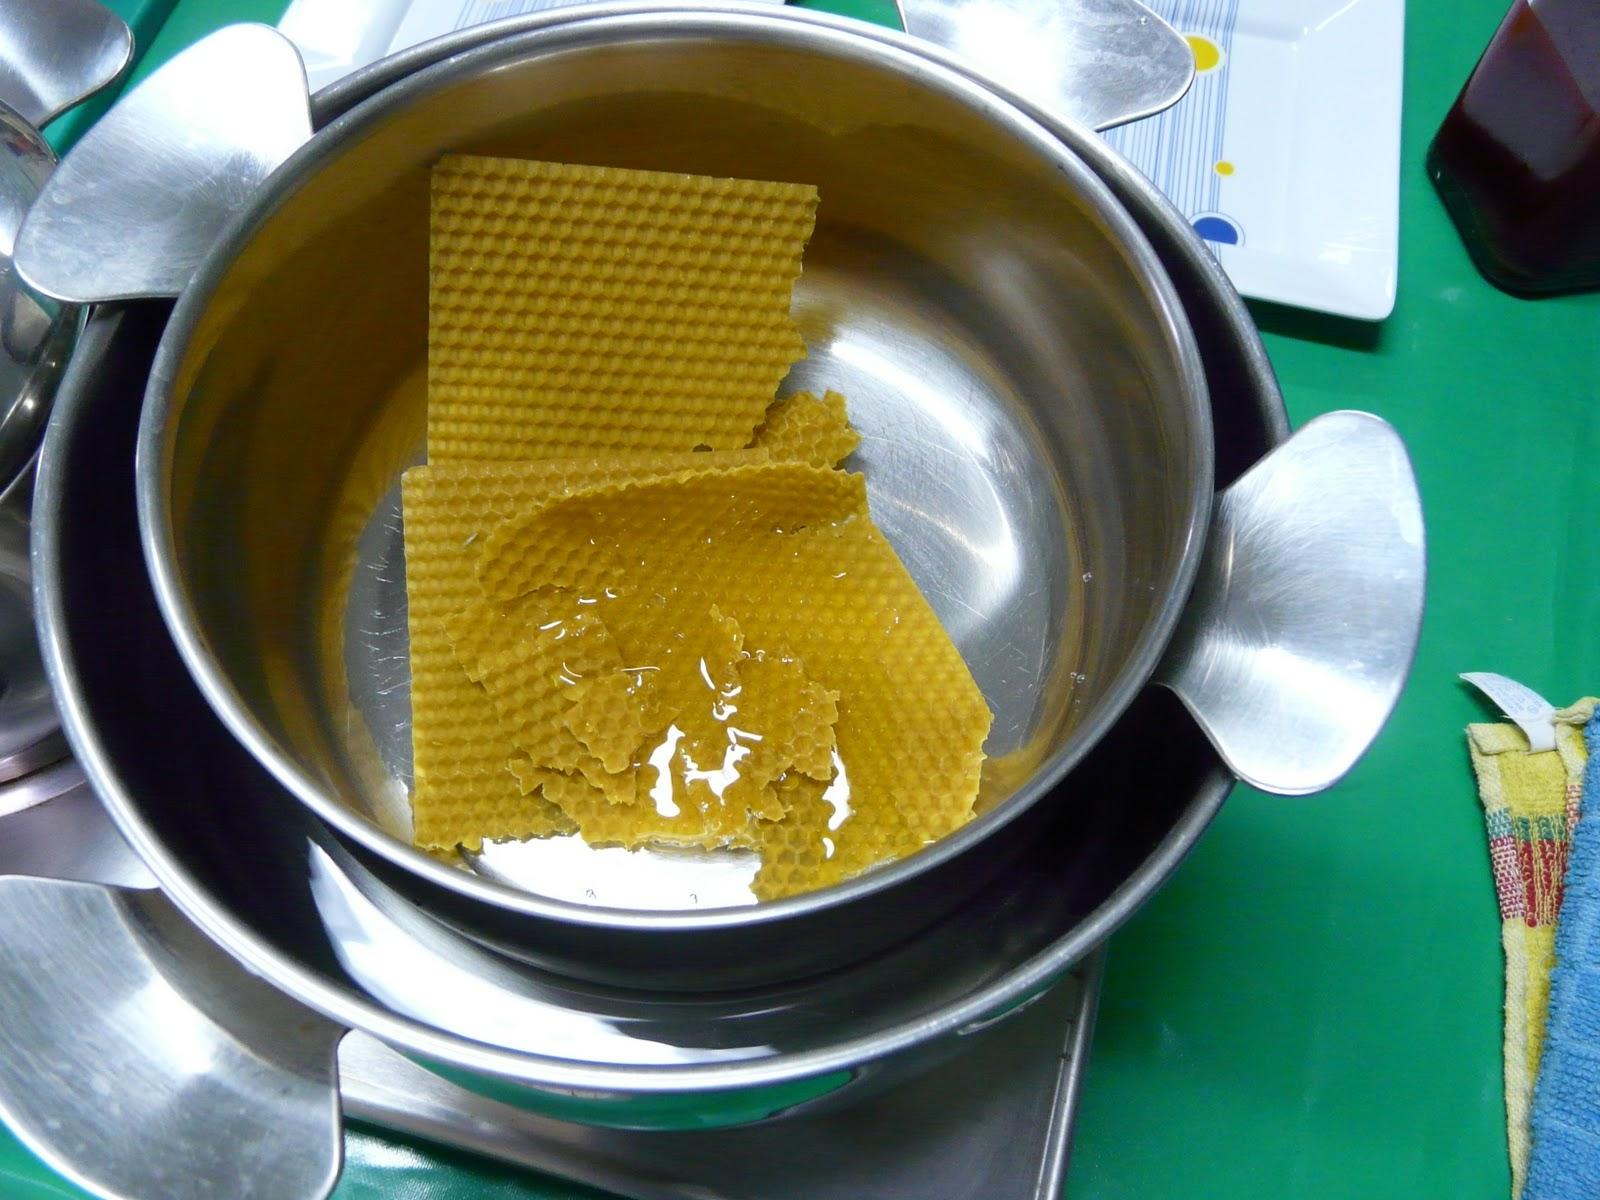 La tintura del propóleos el tratamiento de la psoriasis